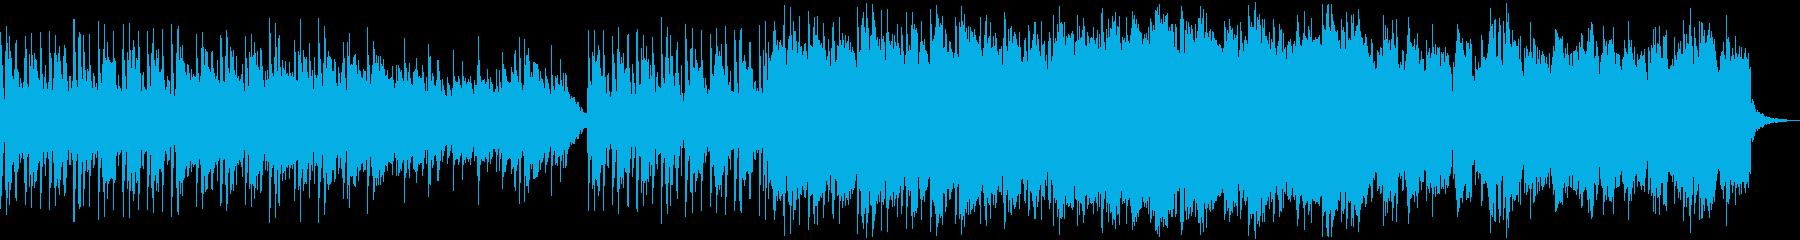 ふわふわしたピアノとチップチューンの再生済みの波形